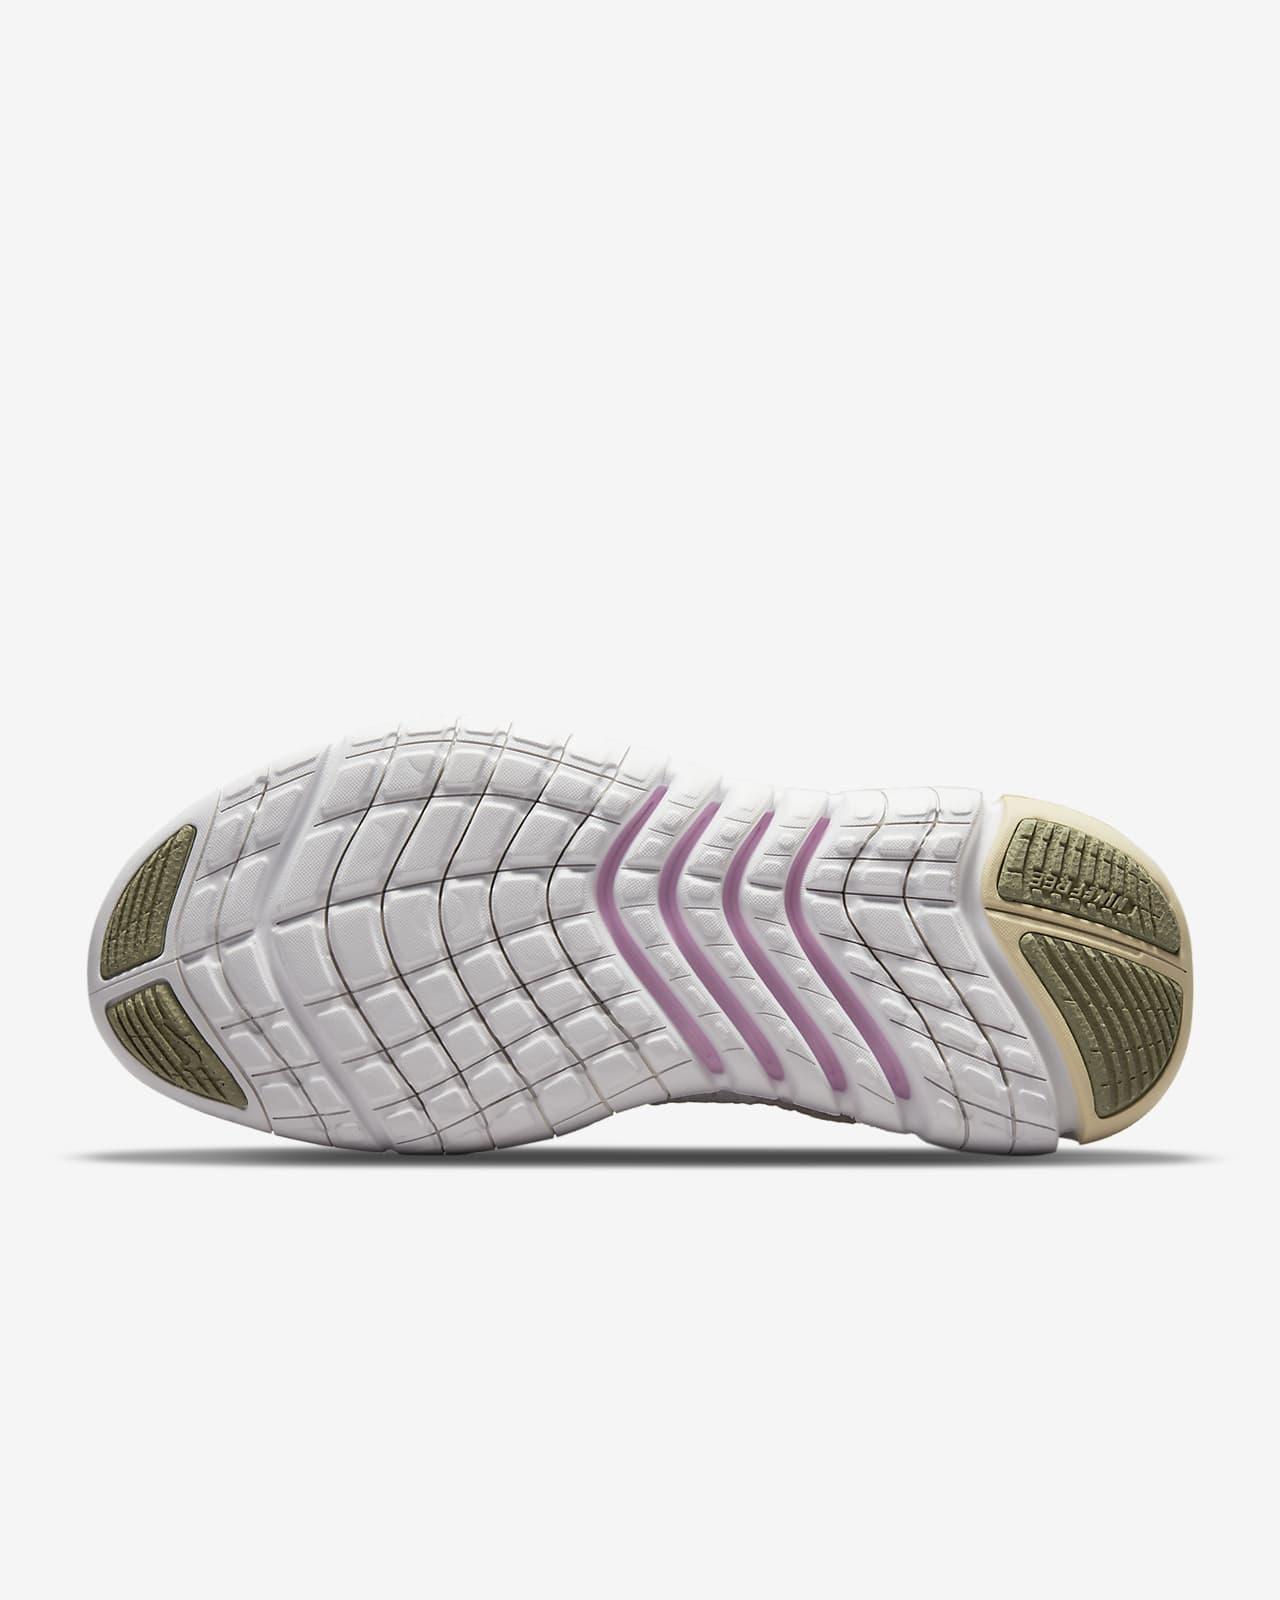 Chaussure de running Nike Free Run 5.0 pour Femme. Nike LU